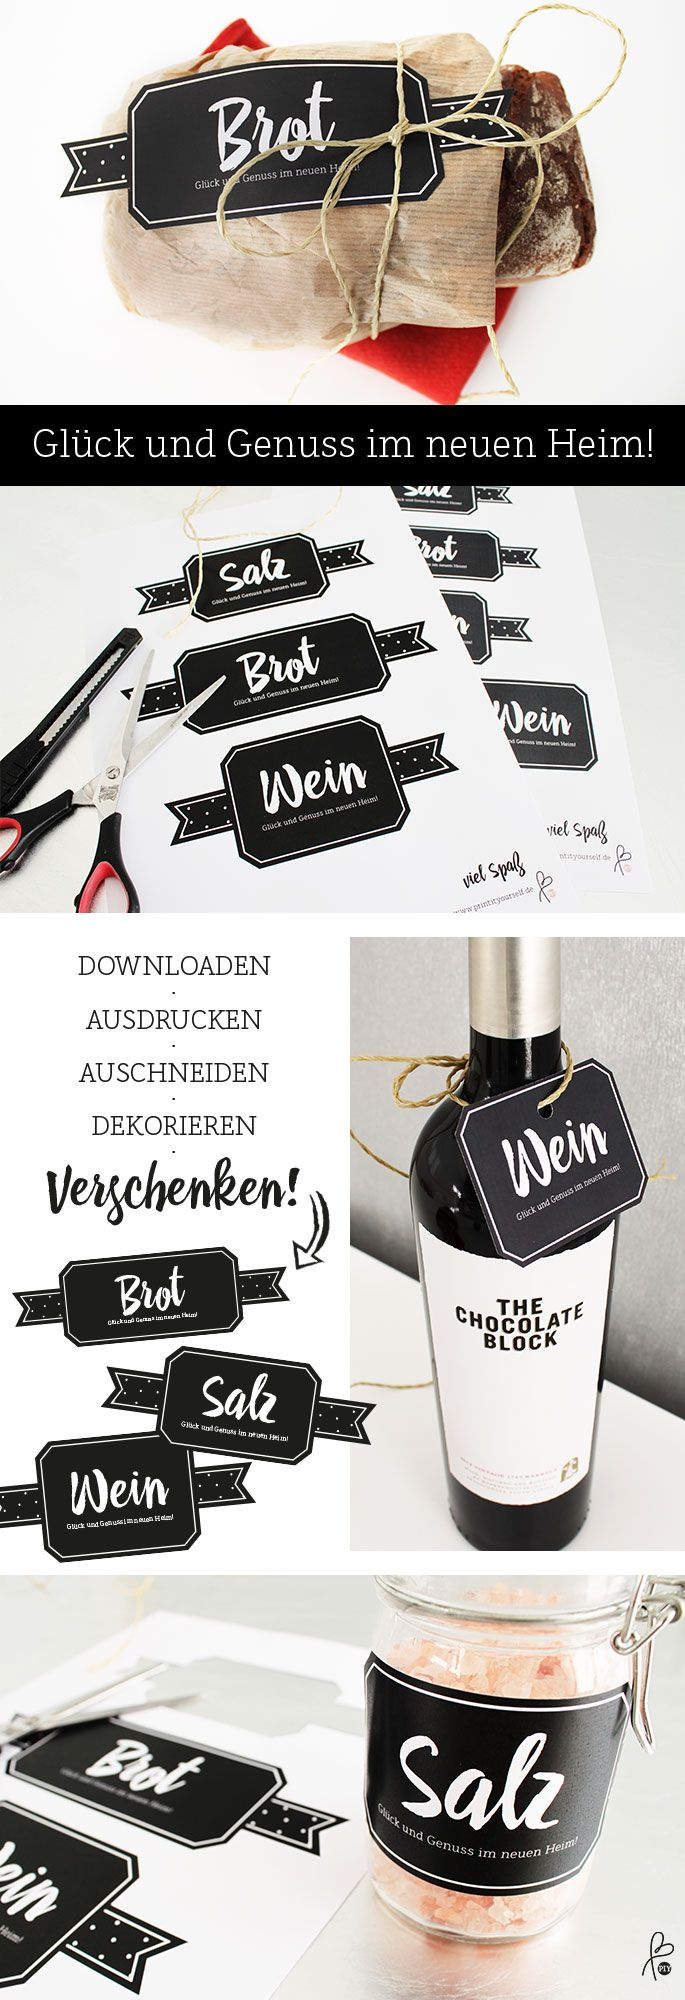 Einweihungsgeschenk DIY / Brot, Salz, Wein / Traditionelles Geschenk in frischem Look! Etiketten DIY